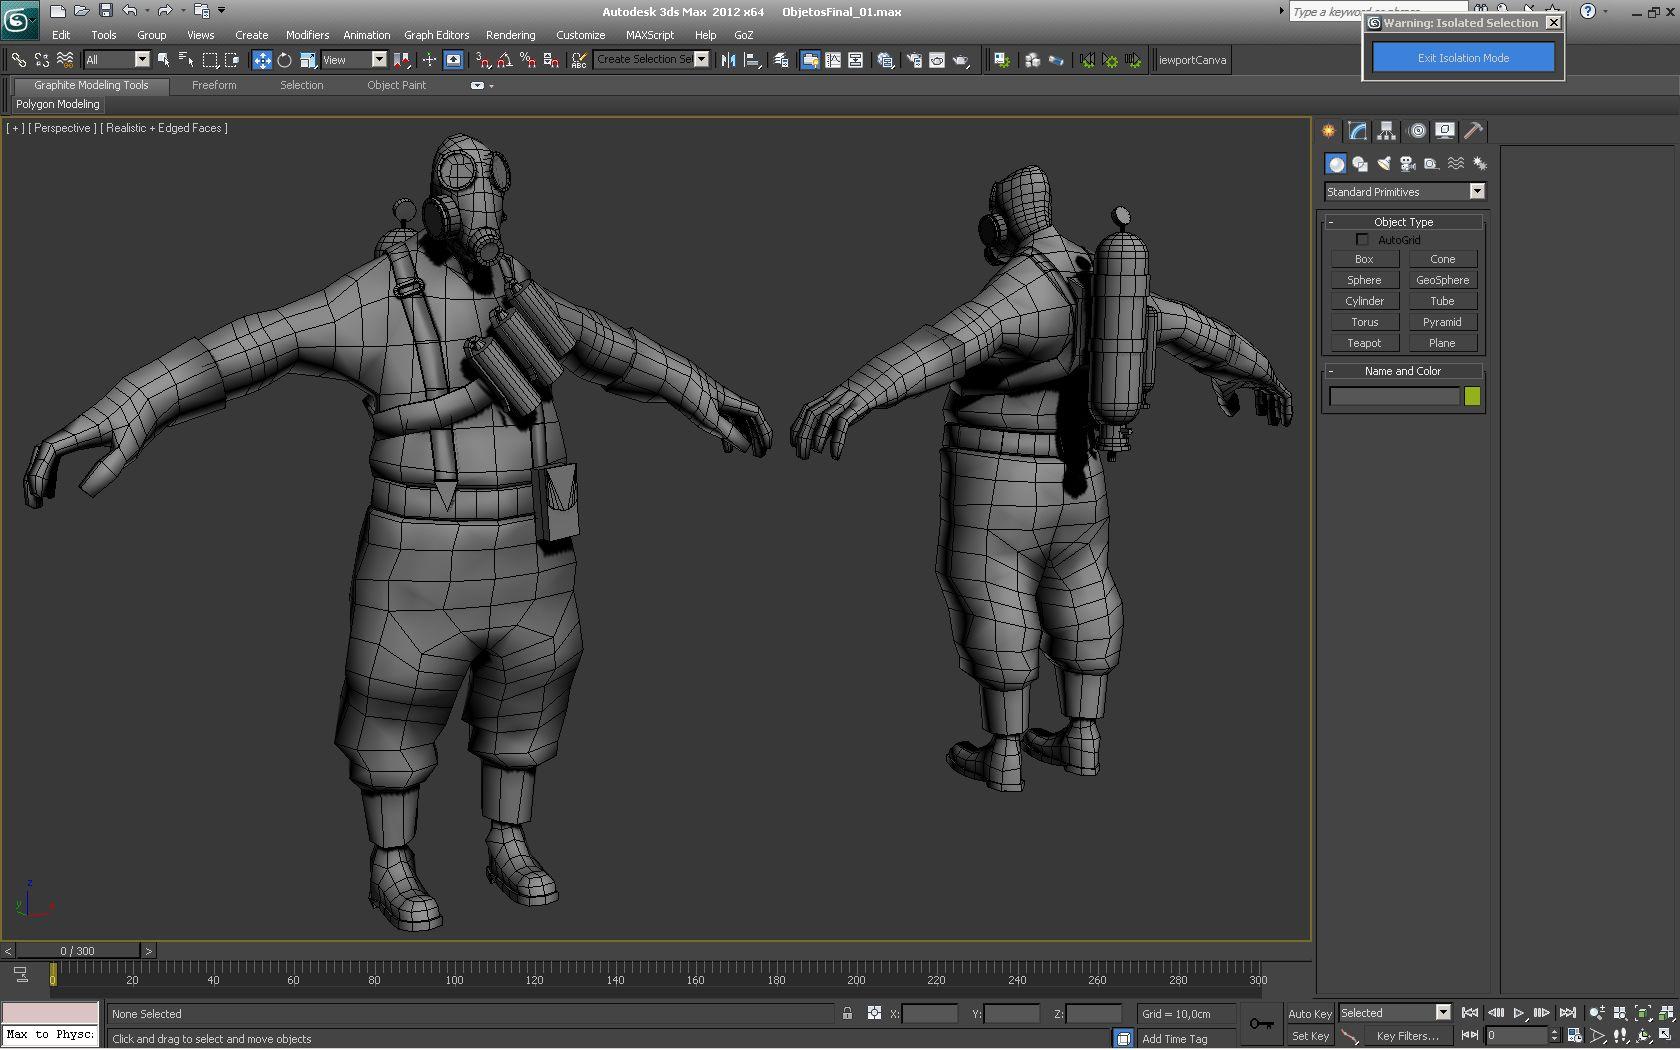 El personaje Pyro del juego Team Fortress 2 diseñado po los alumnos de nuestro Master de Videojuegos. Para ver más, clica en la imagen.